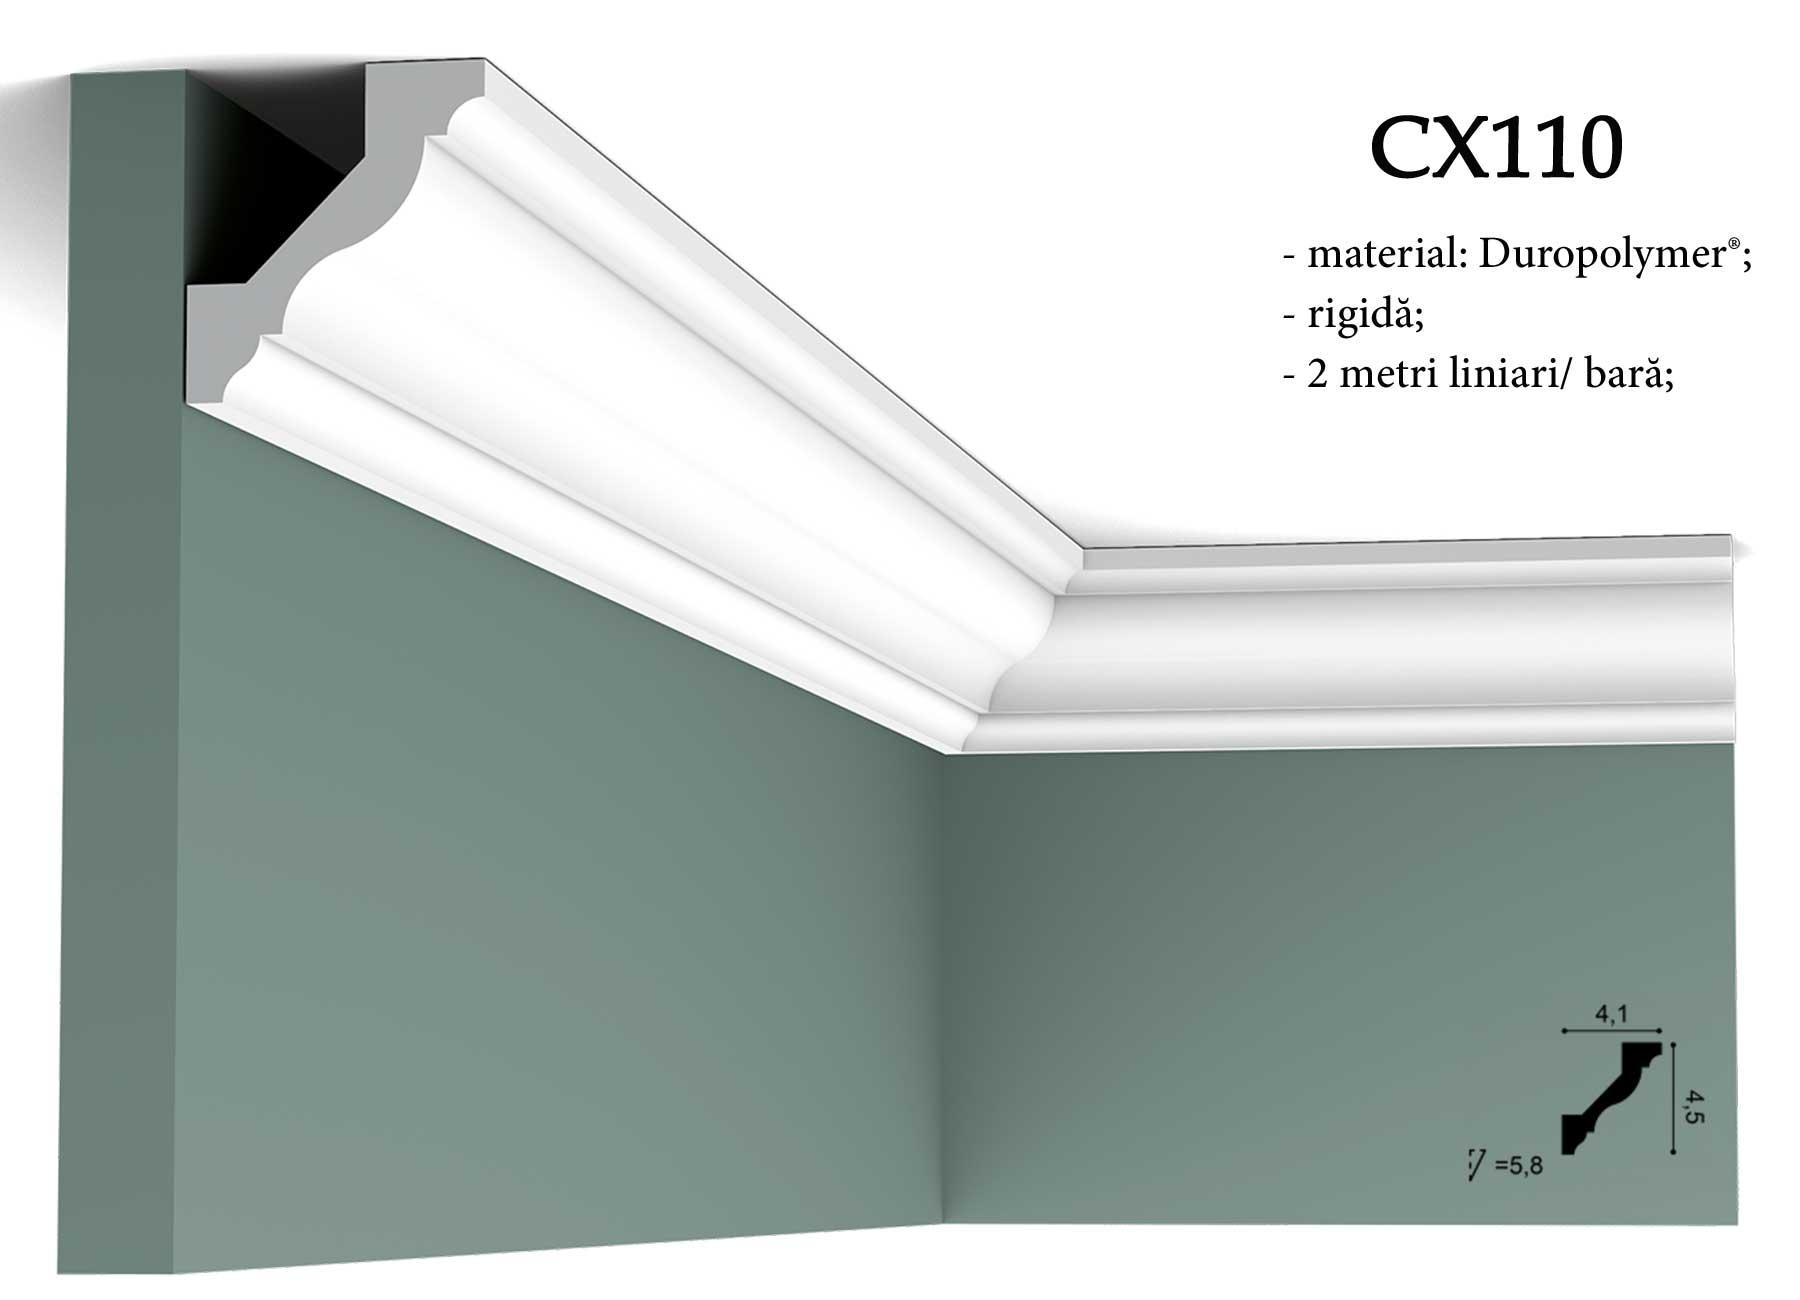 Cornisa decorativa pentru tavan CX110 Orac Decor. Terminatie tapet.